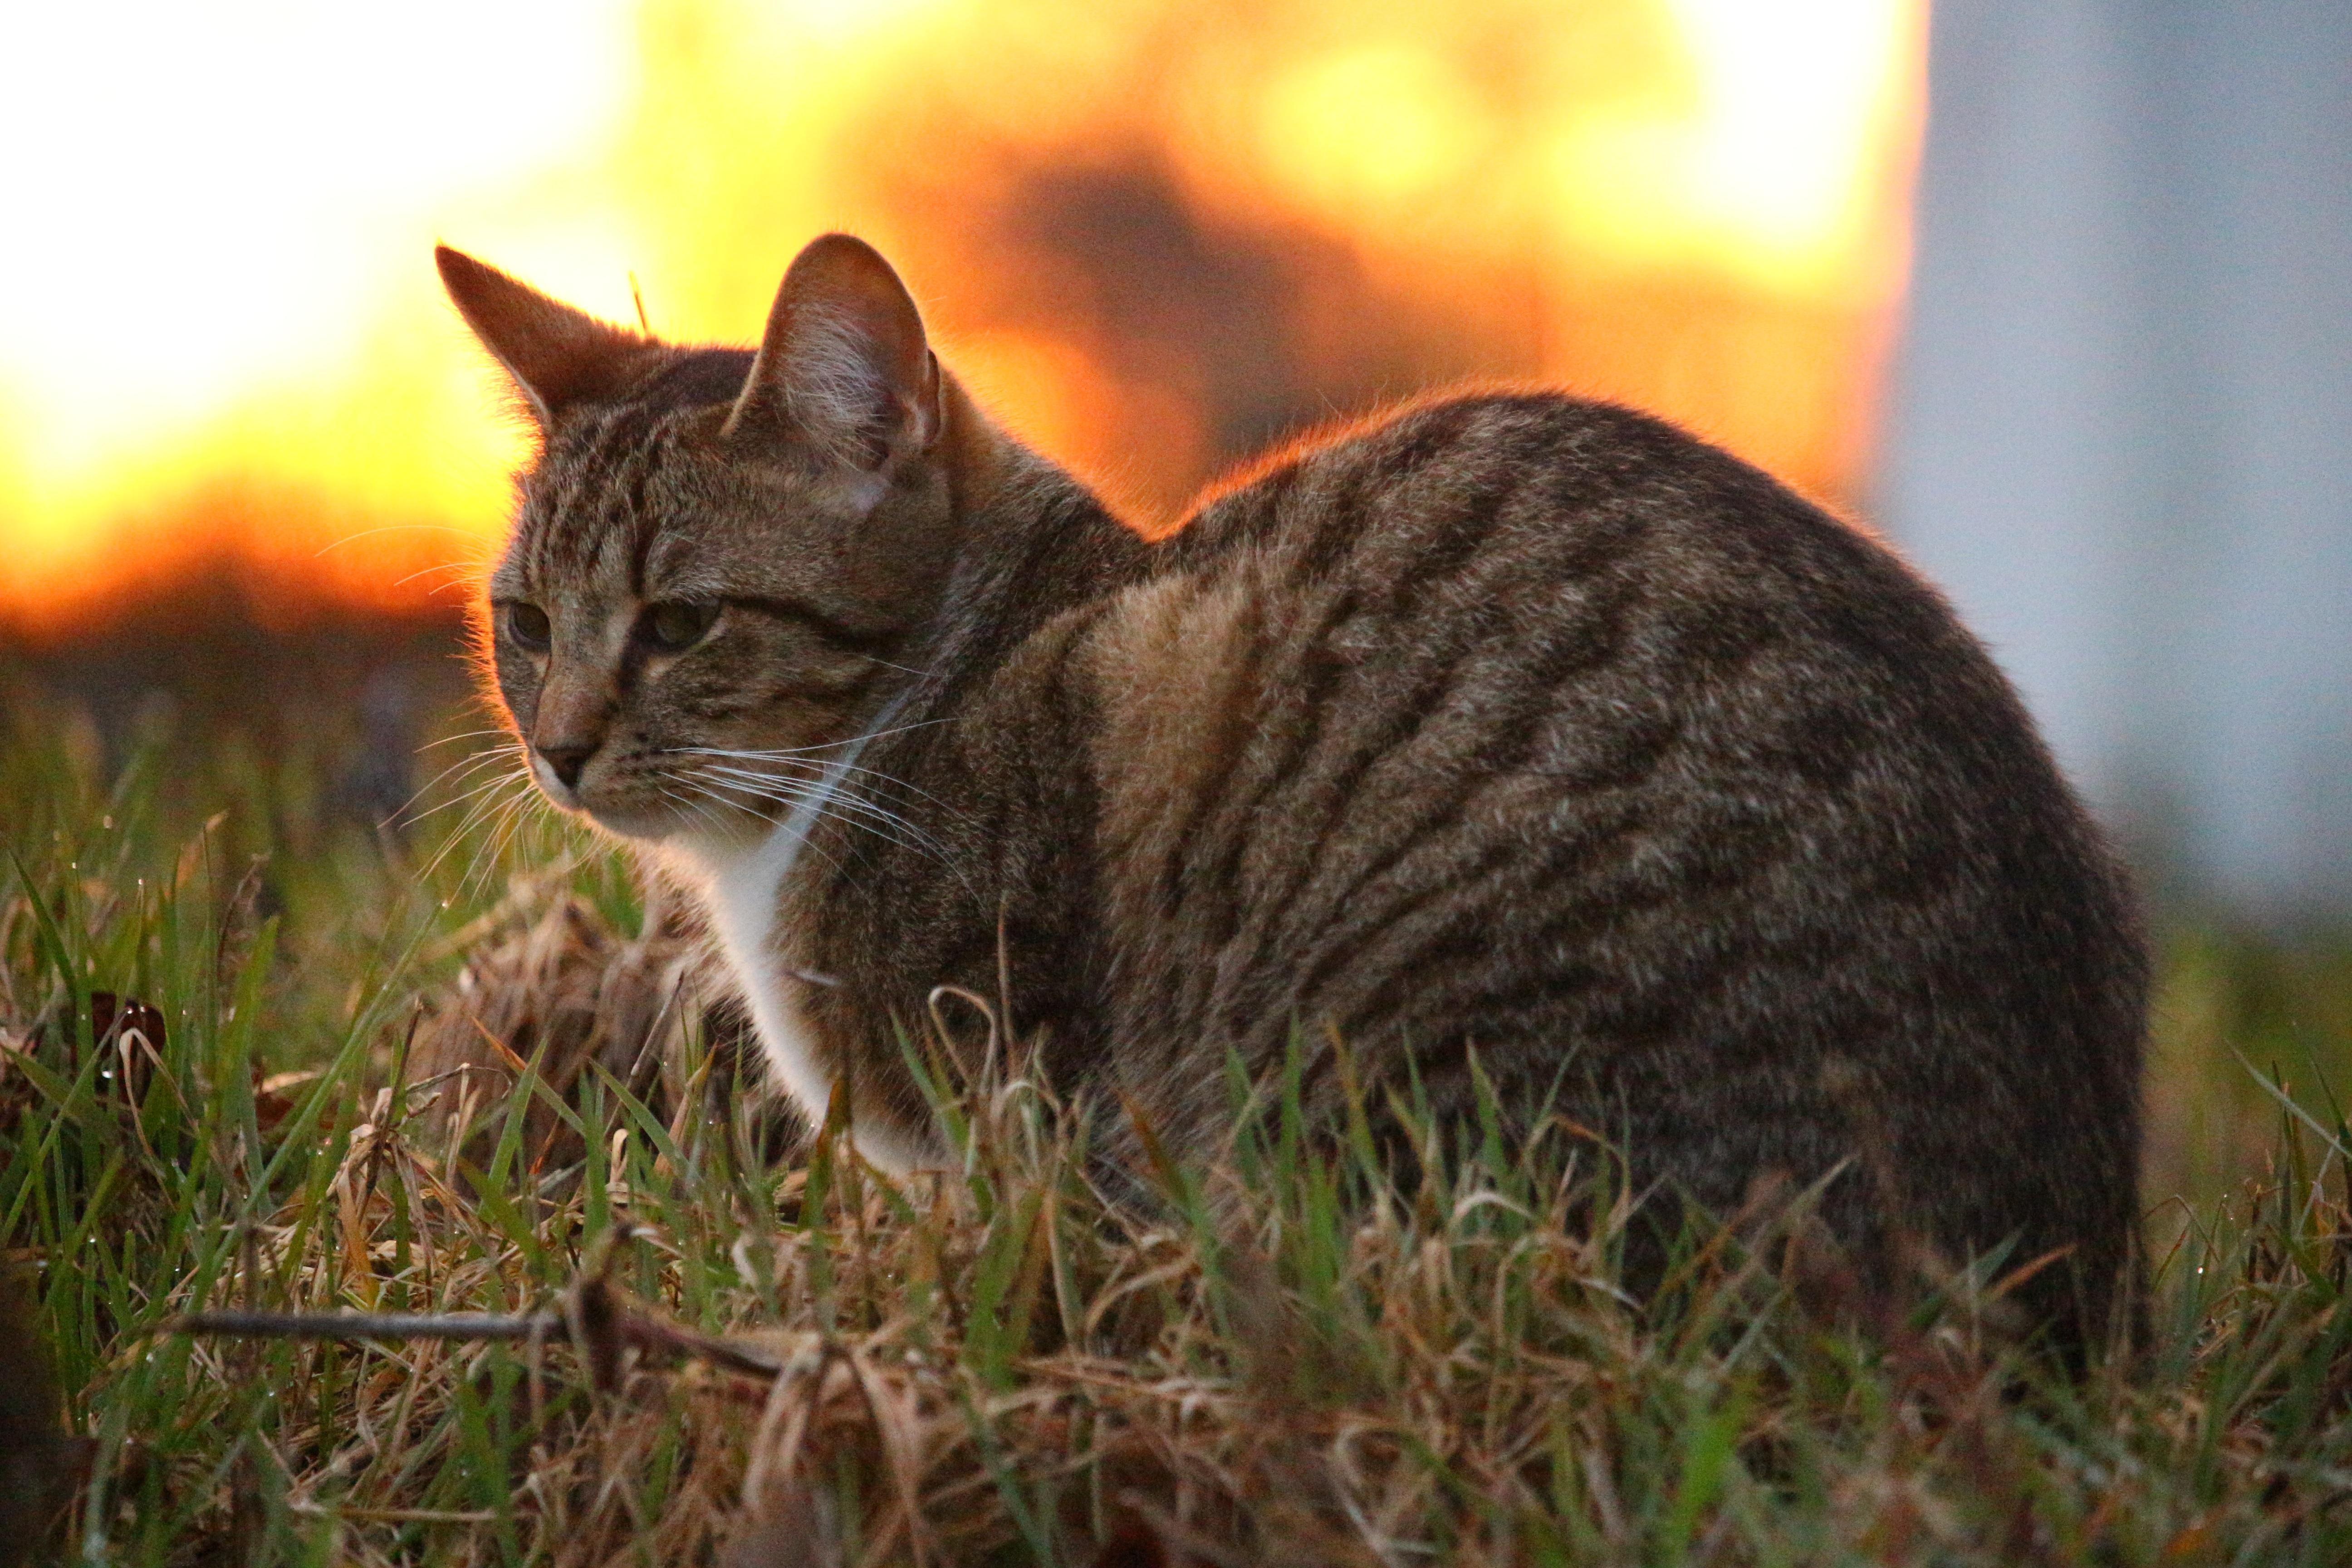 feral kitten purring